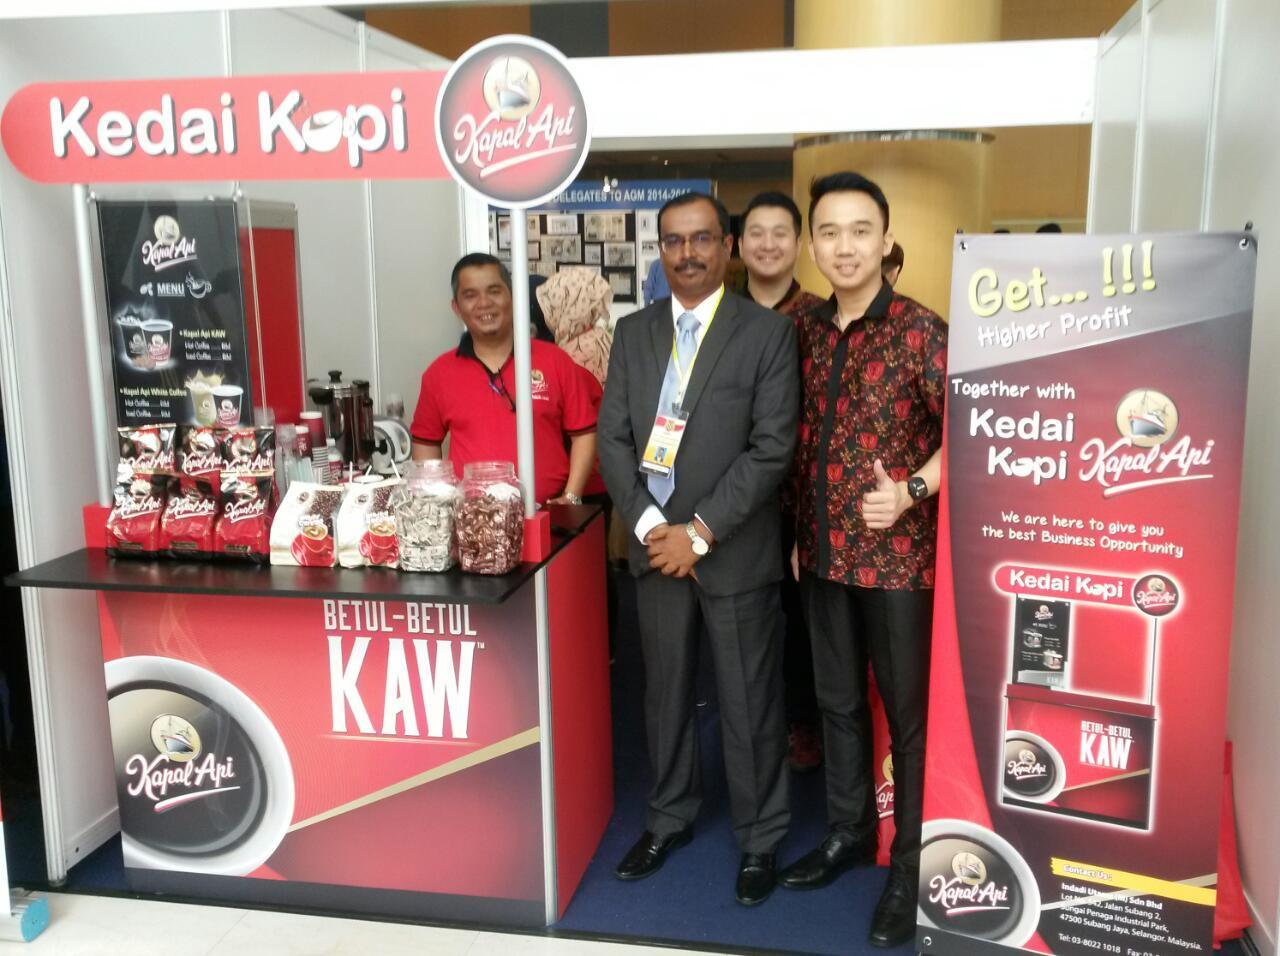 Kedai Kopi Kapal Api Jajaki Kerjasama Dengan Persatuan Restoran Dan Pengusaha Muslim Malaysia Franchiseglobal Com